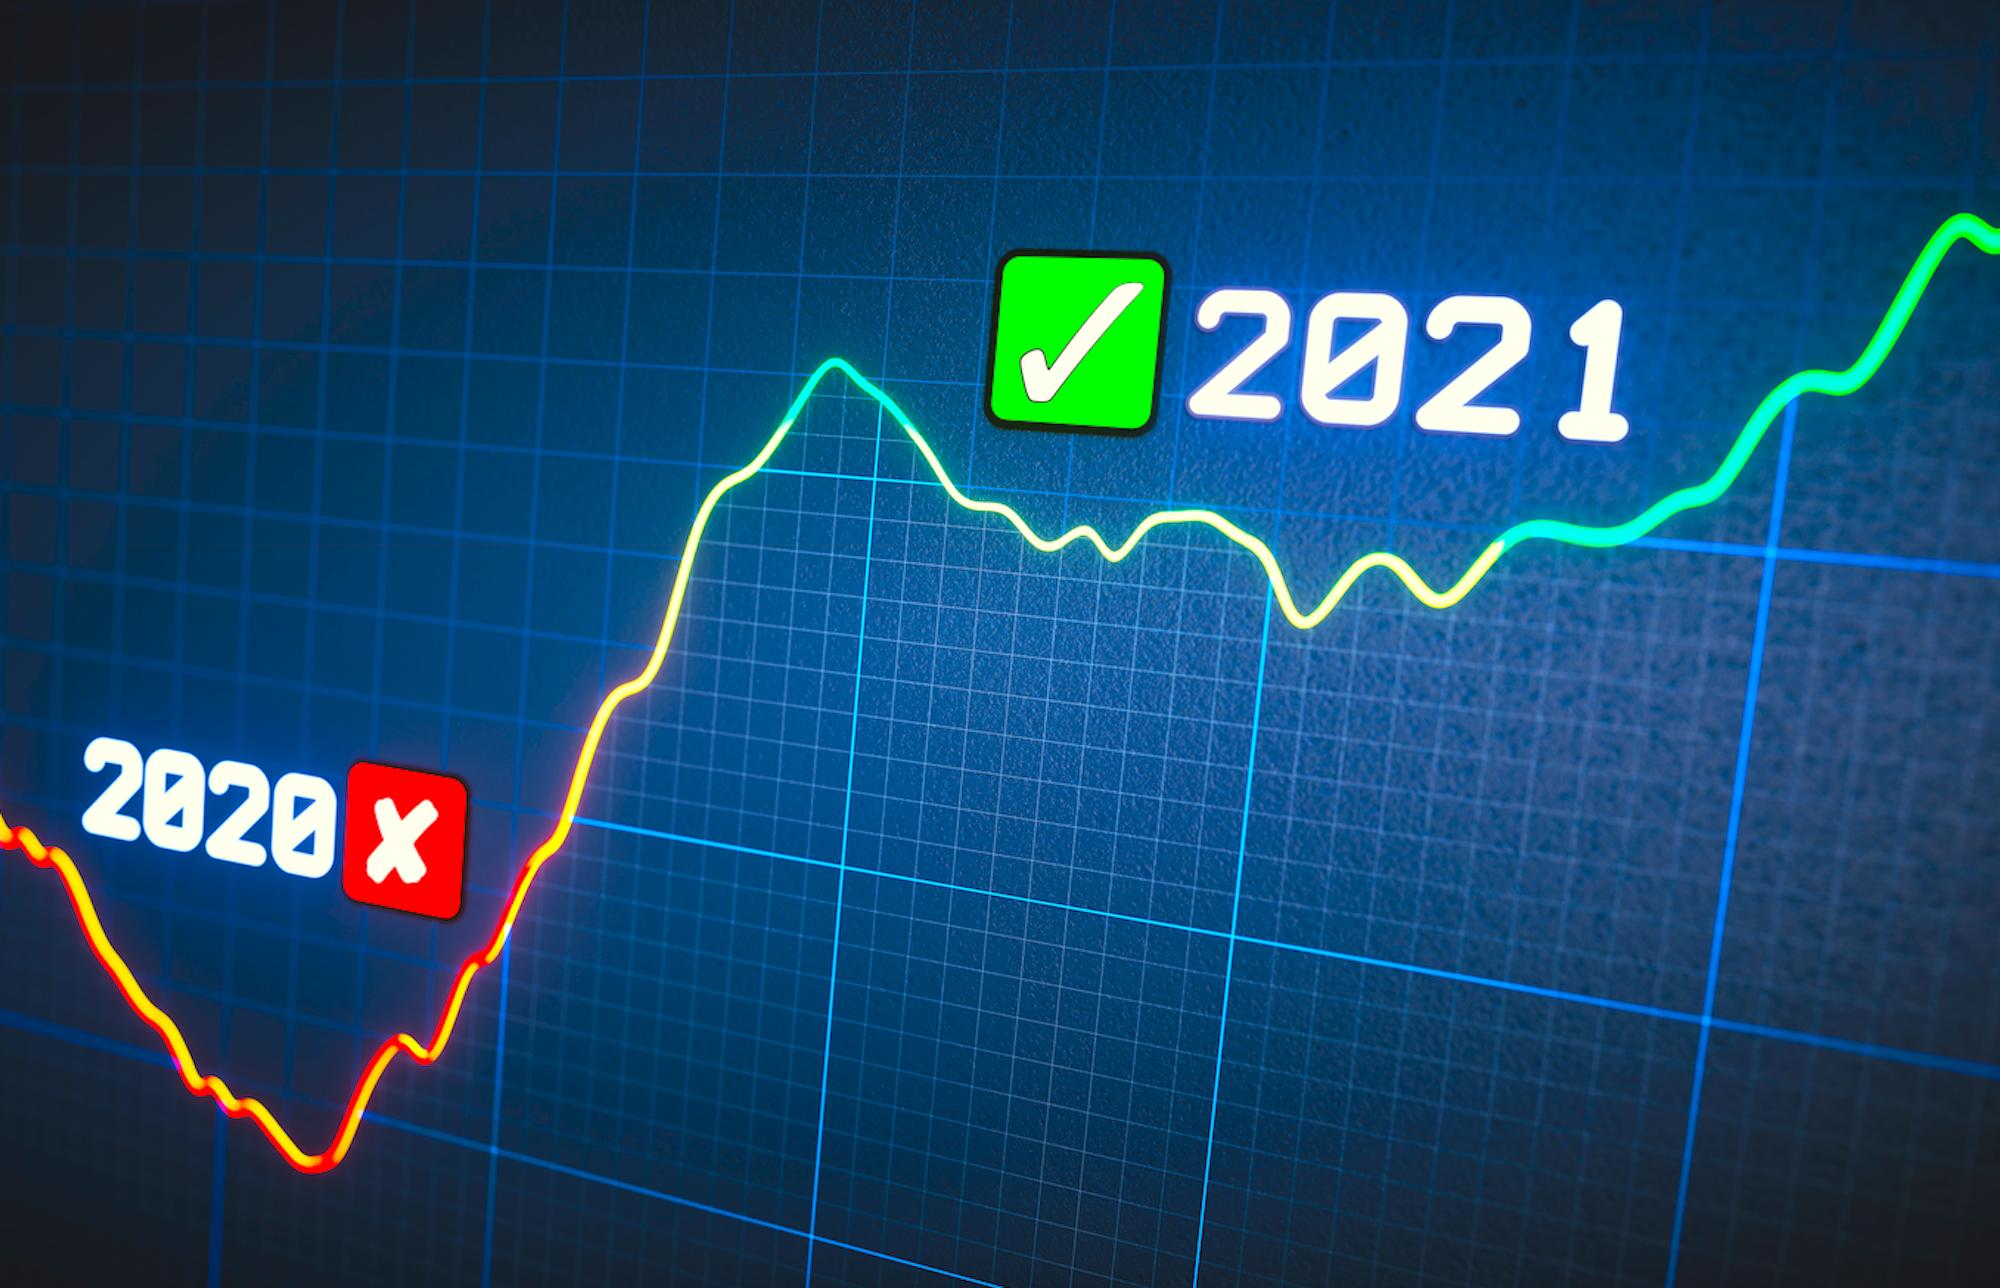 Thị trường chứng khoán đỏ lửa ngày 7-12-2021